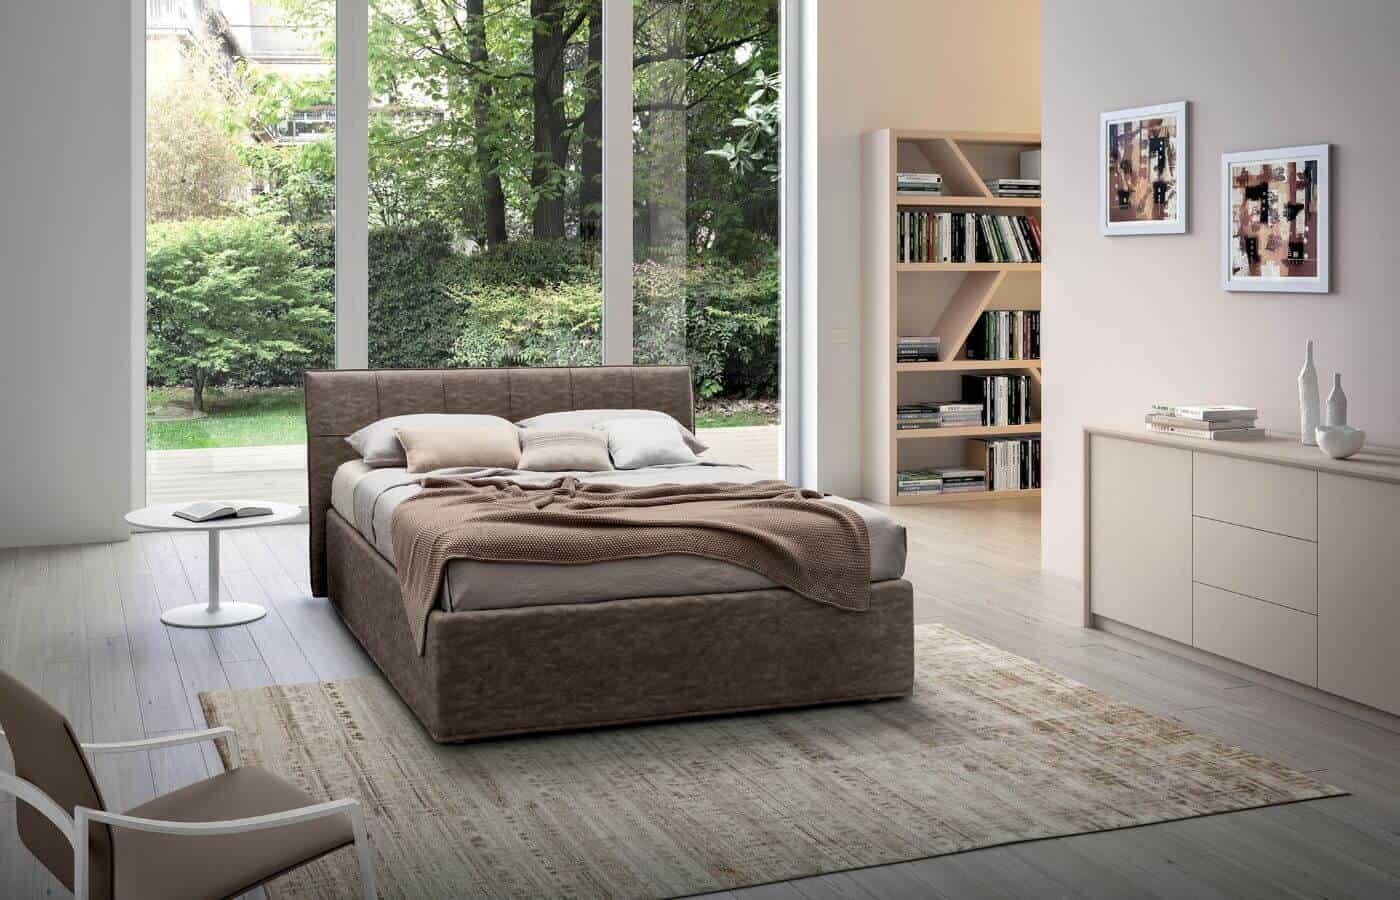 zona-notte-letto-contenitore-collezione-ambra-il-mobile (4)